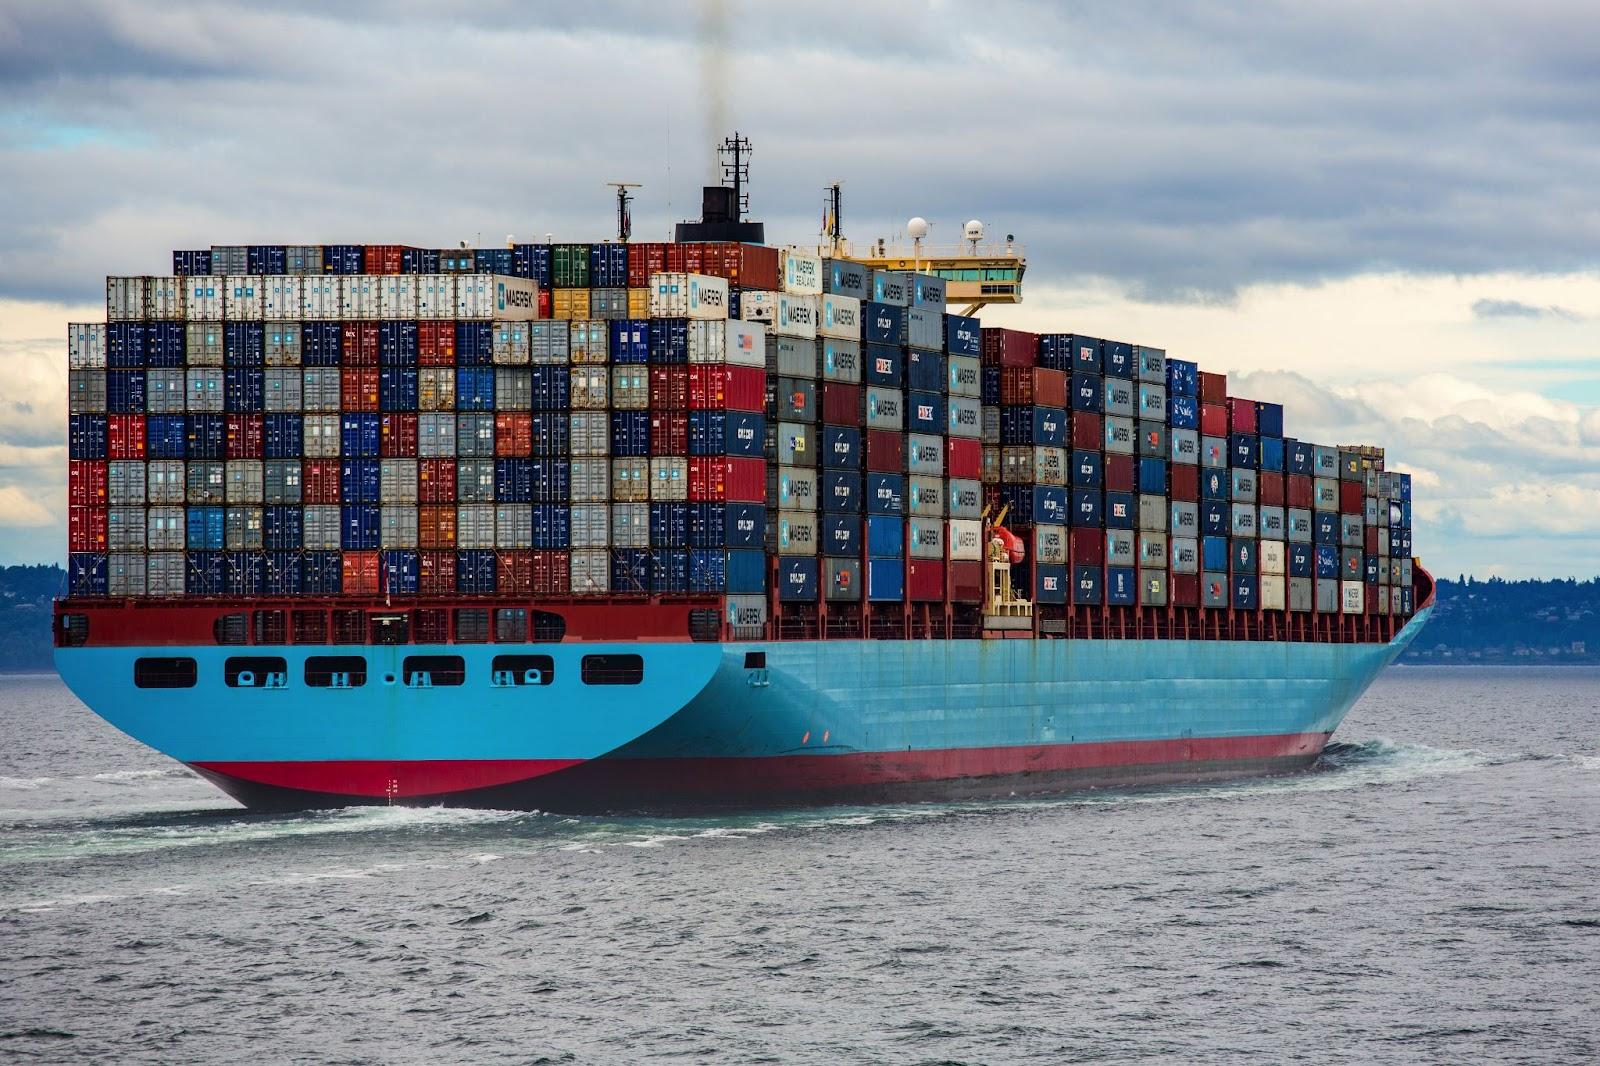 Schiffsverkehr ist eine Ursache für Unterwasserlärm.